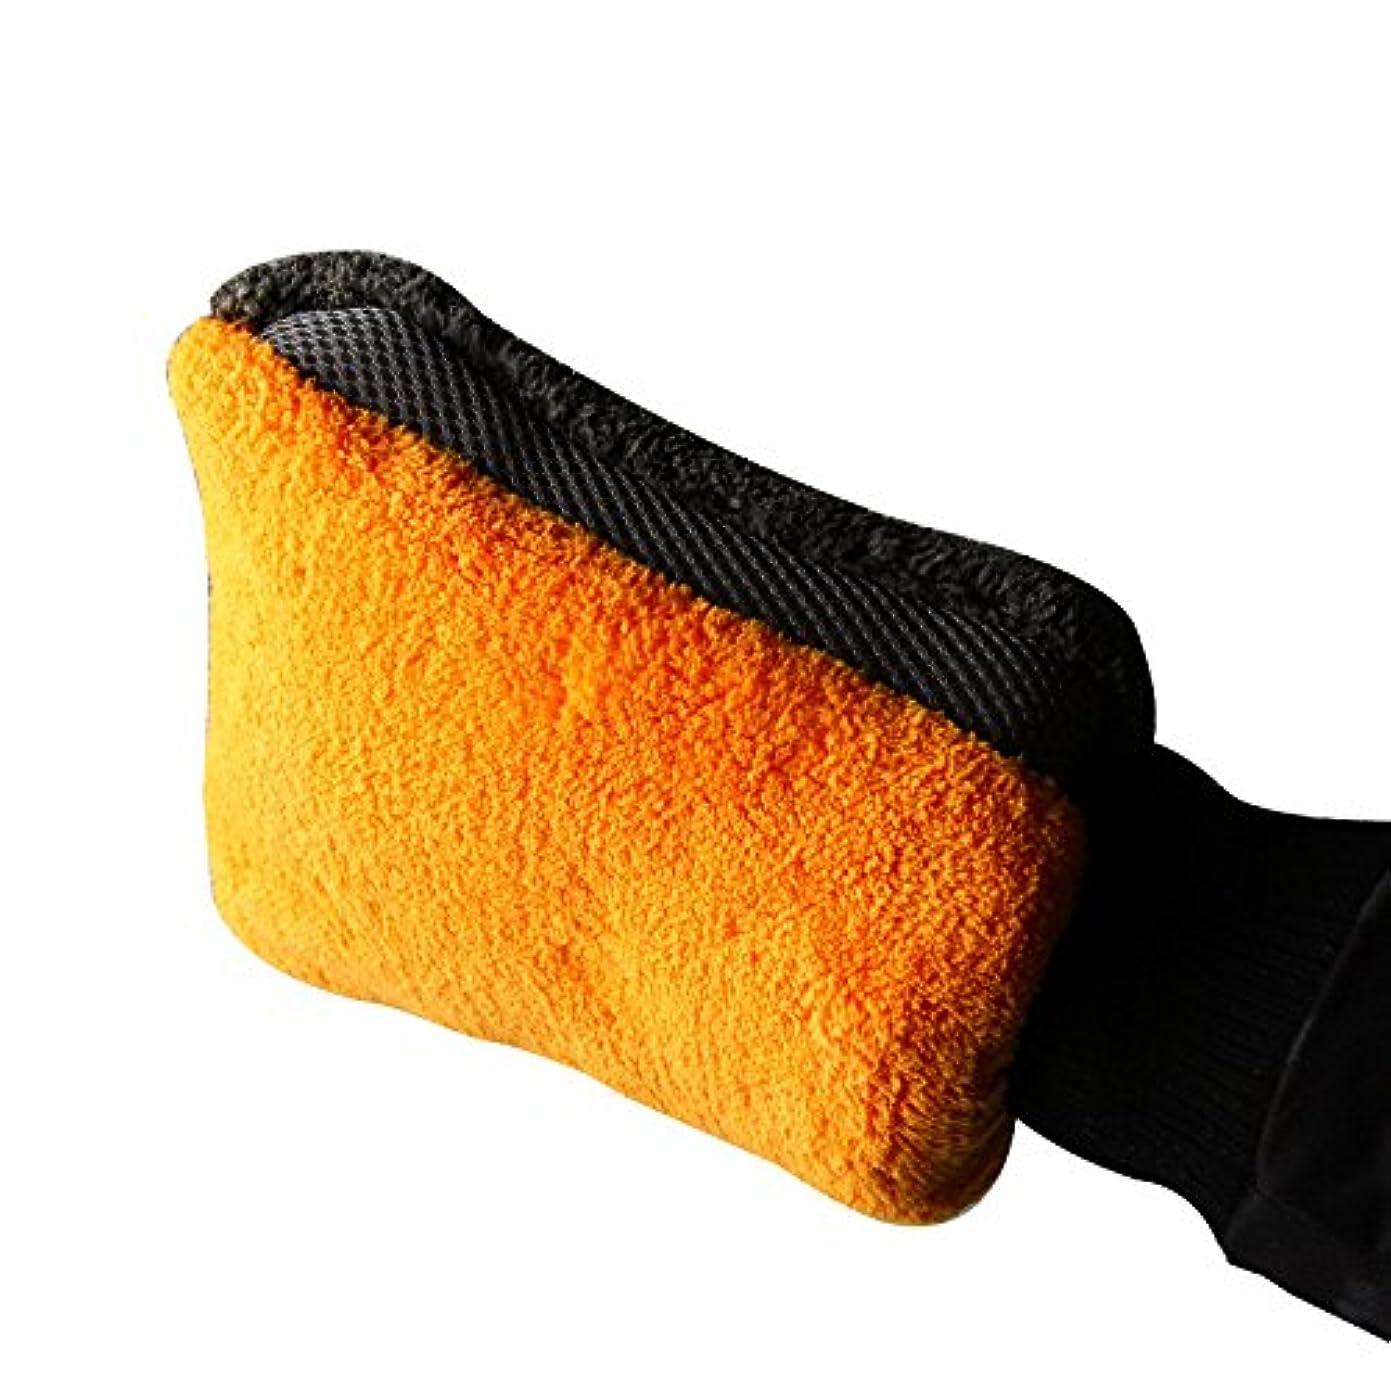 さわやか思い出させる虹BTXXYJP サンゴフリース 洗車 ブラシ 手袋 クリーニング ミットショートウールミットカークロス (Color : Orange, Size : L-One pair)